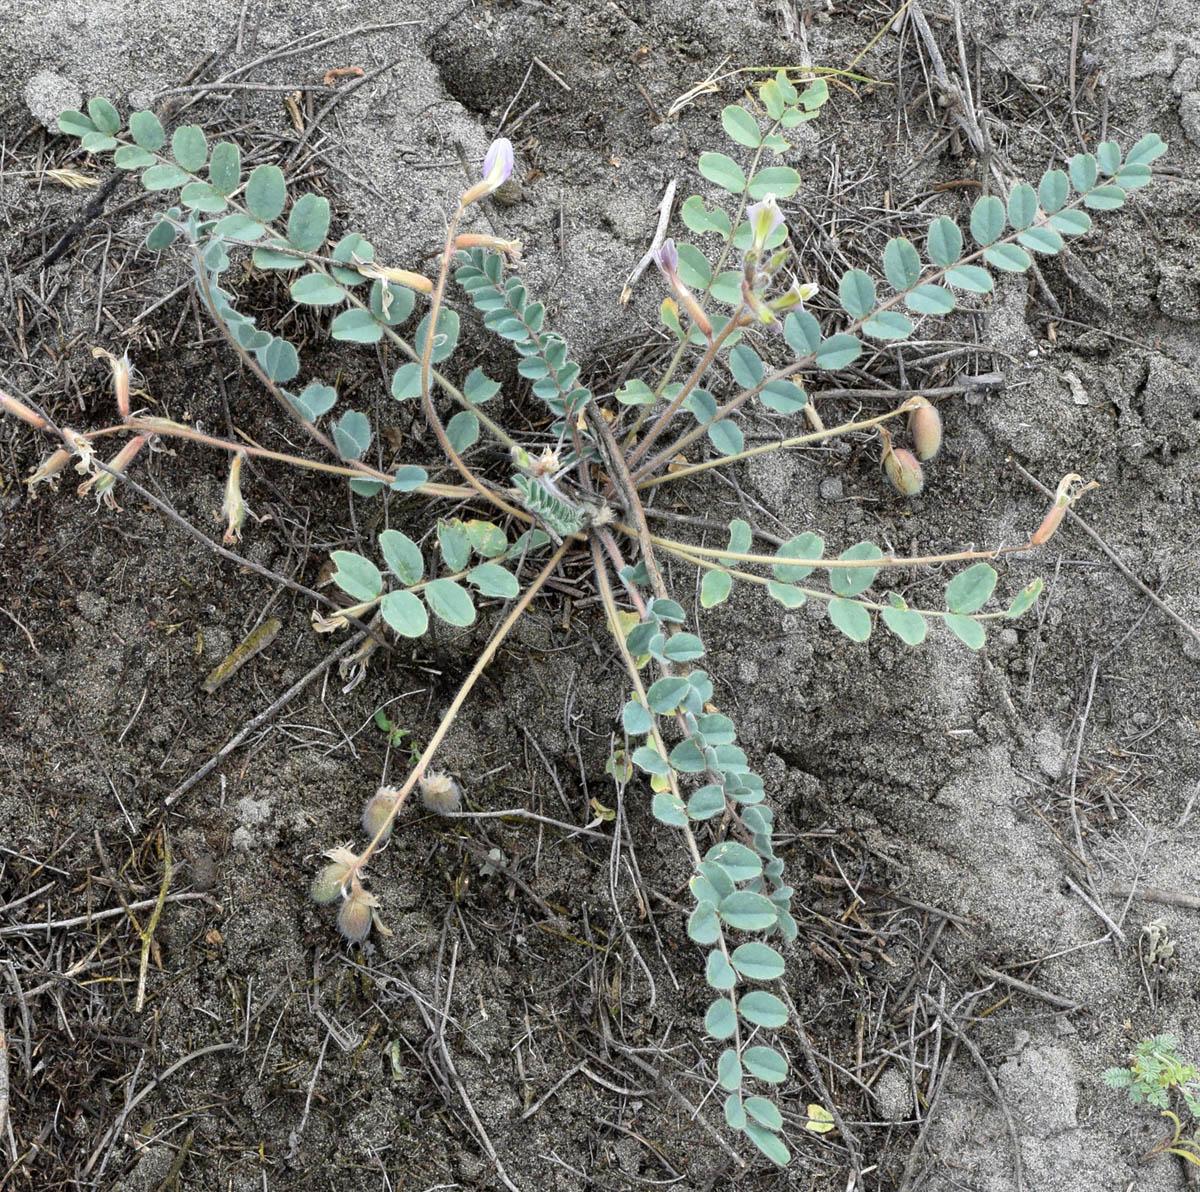 Изображение растения Astragalus rubellus.